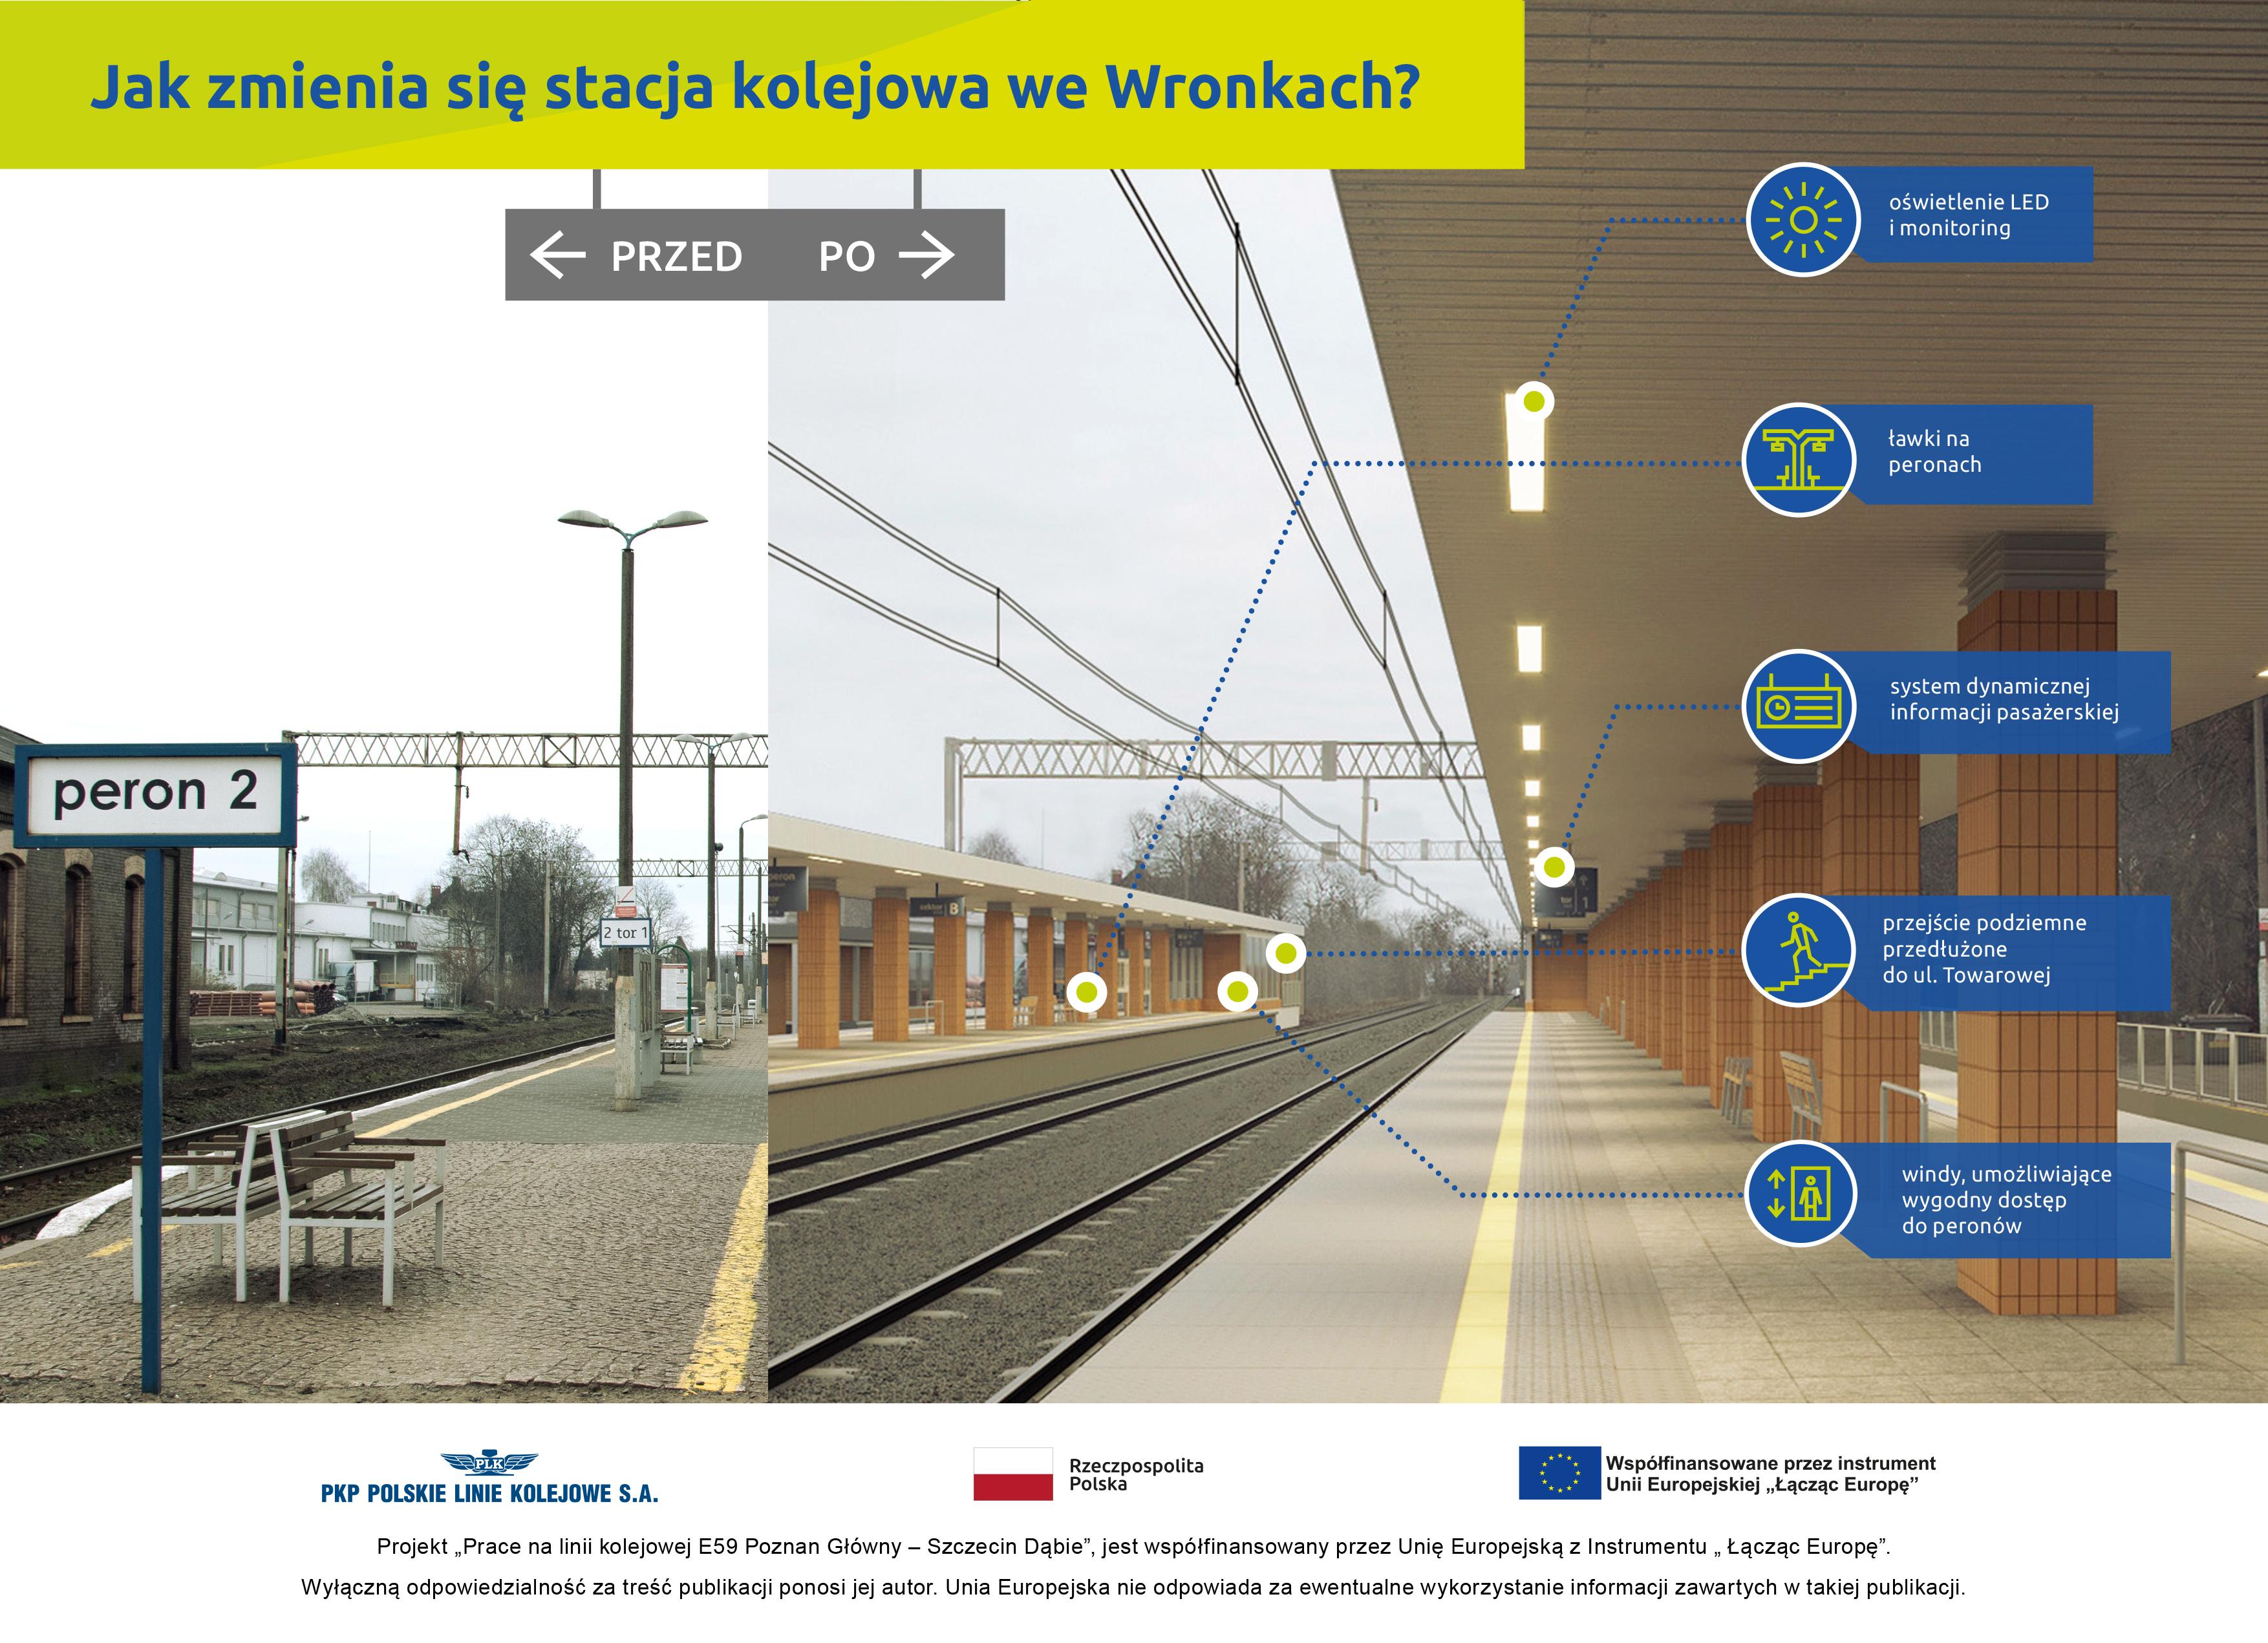 Infografika o zmianach na stacji kolejowej we Wronkach